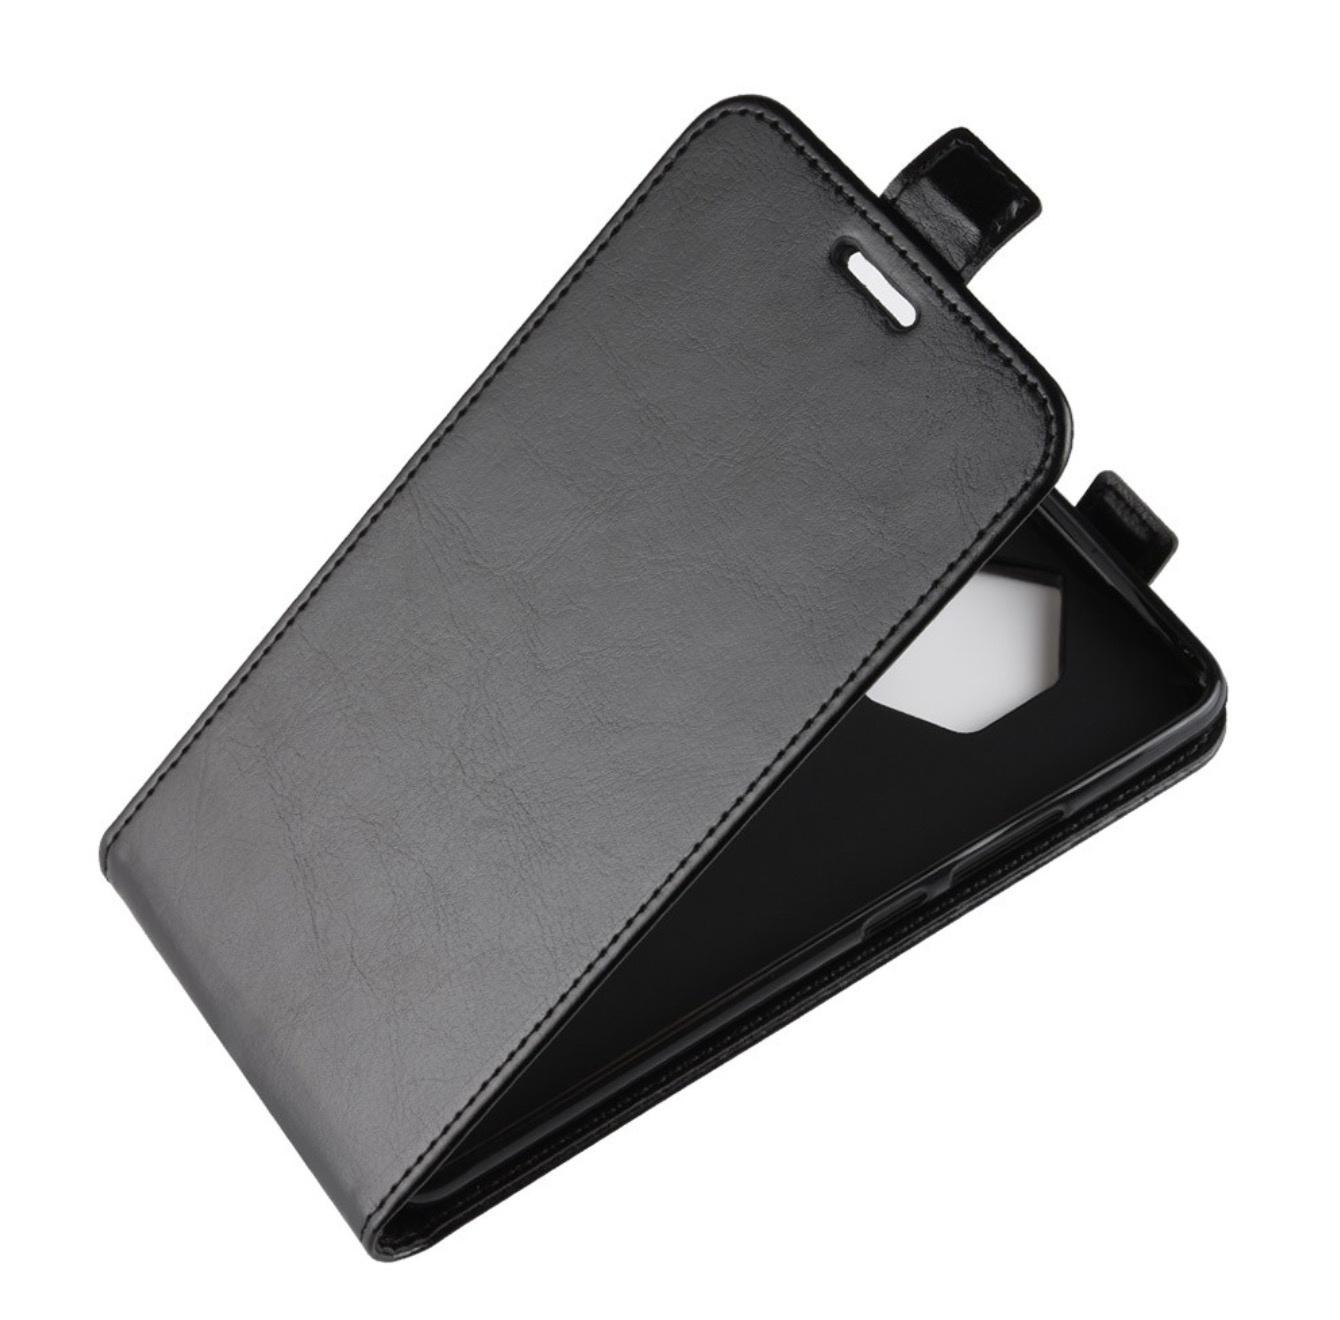 купить Чехол-флип MyPads для Highscreen Verge вертикальный откидной черный онлайн